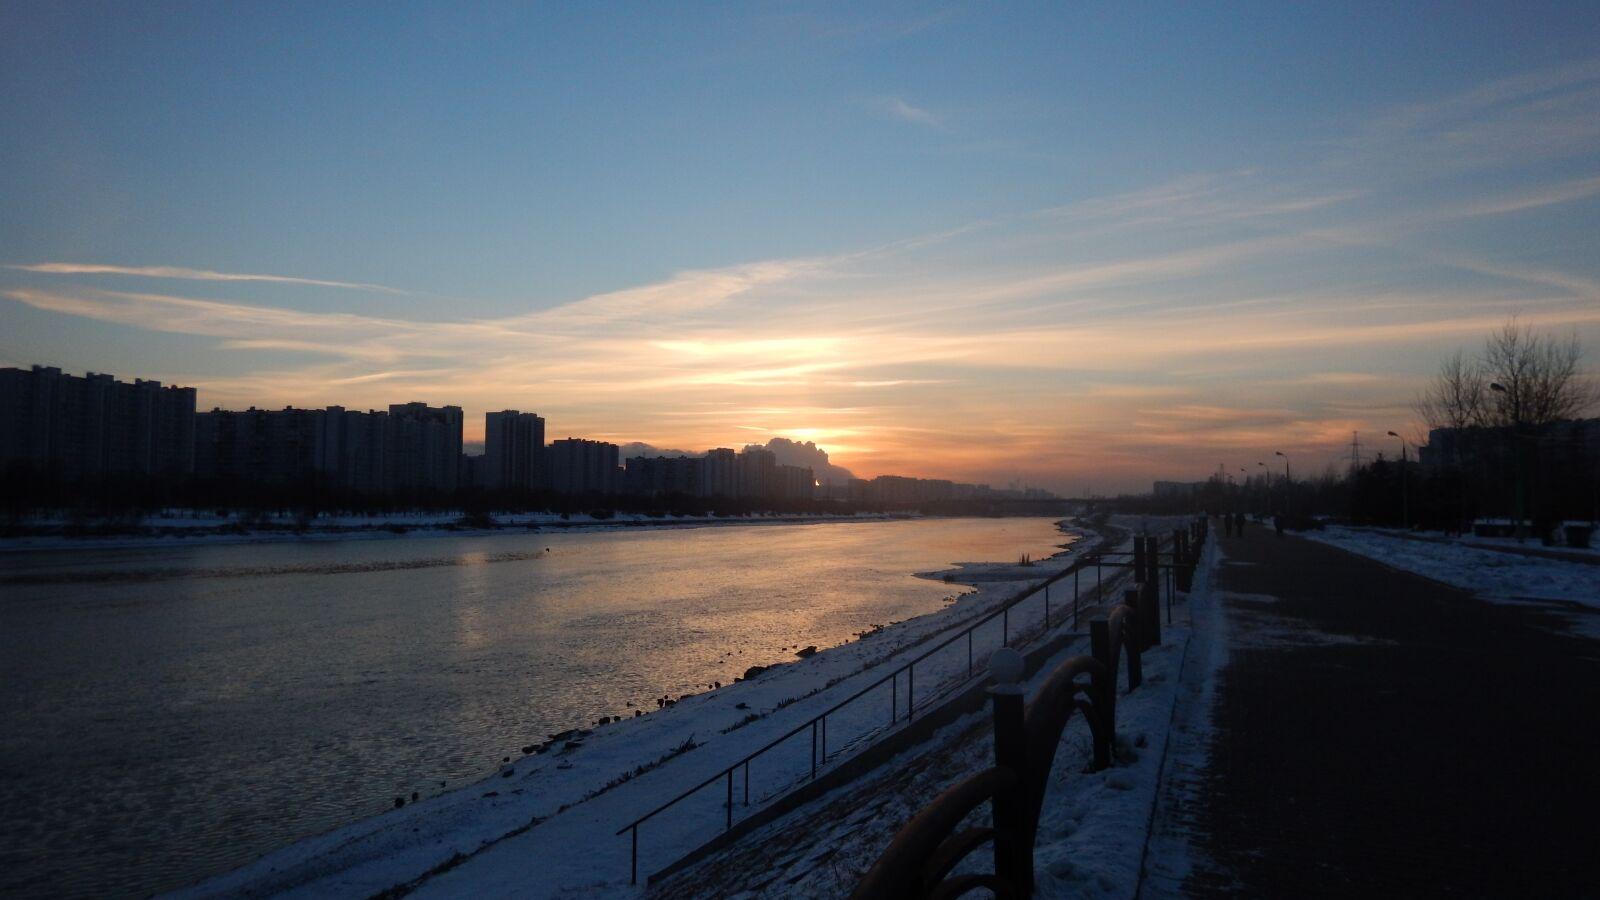 """Nikon Coolpix AW120 sample photo. """"Sunset, winter, sun"""" photography"""